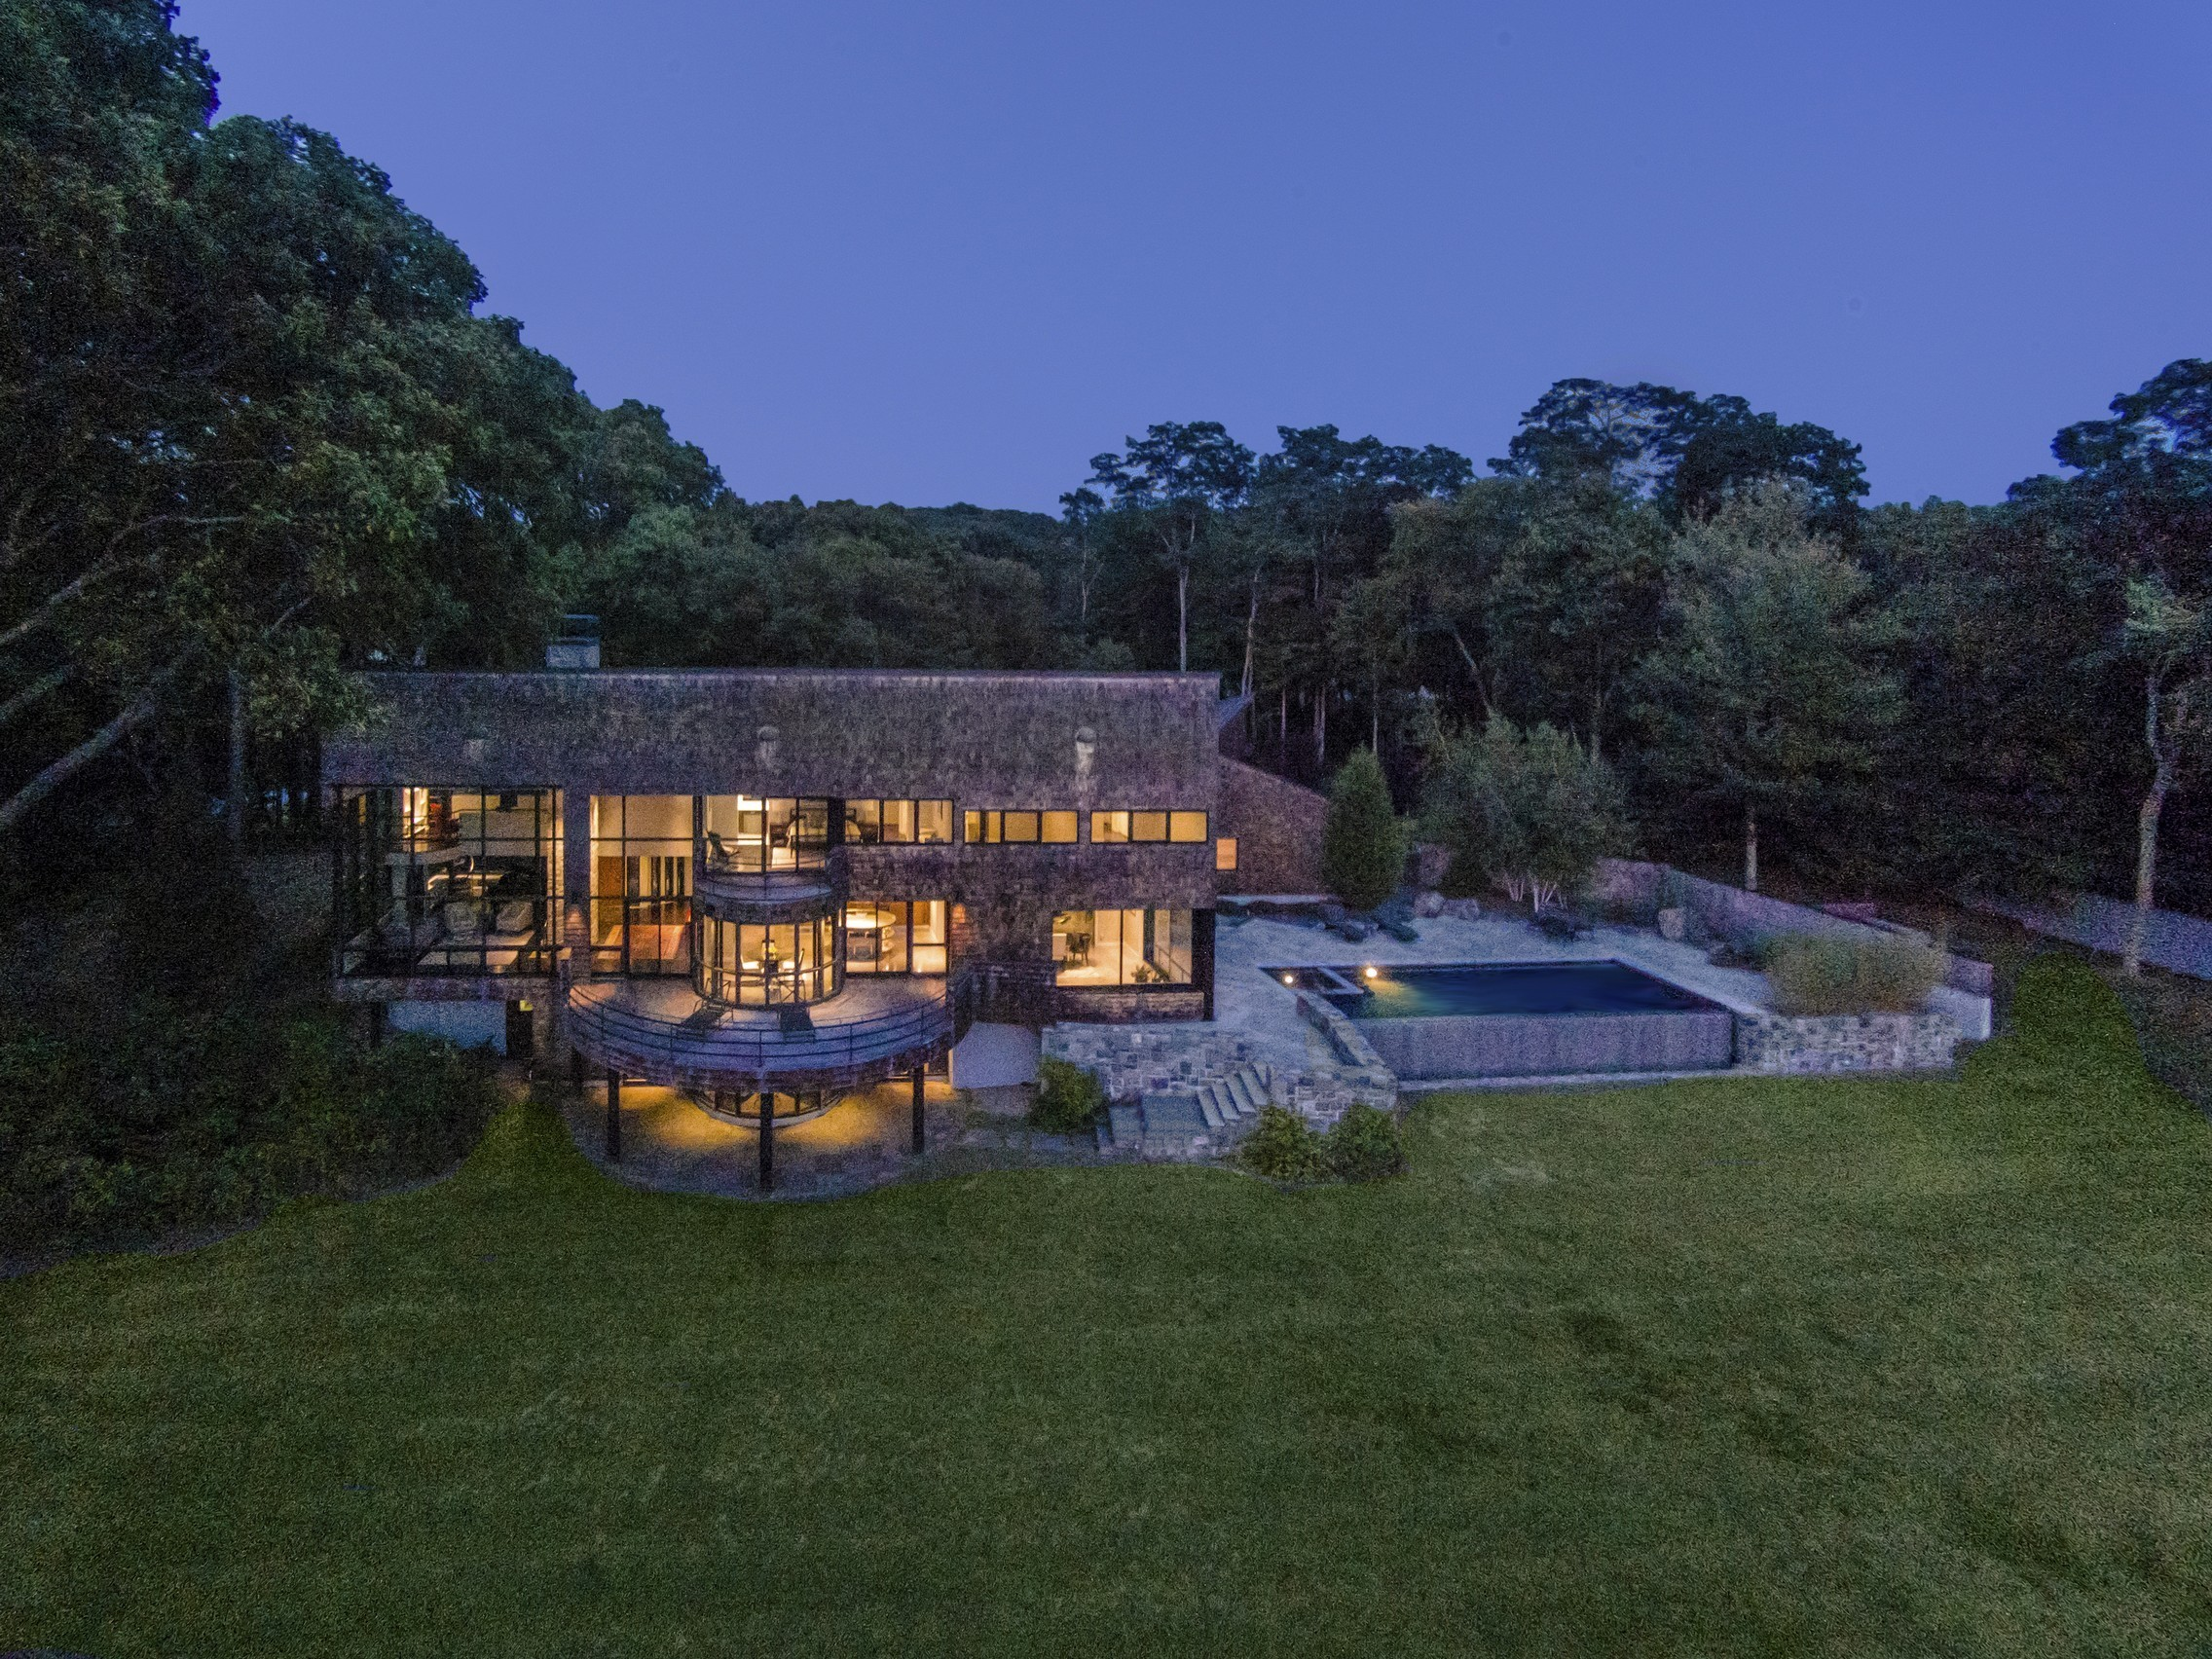 Casa Unifamiliar por un Venta en Architectural Masterpiece 60-1 Neck Rd Old Lyme, Connecticut 06371 Estados Unidos